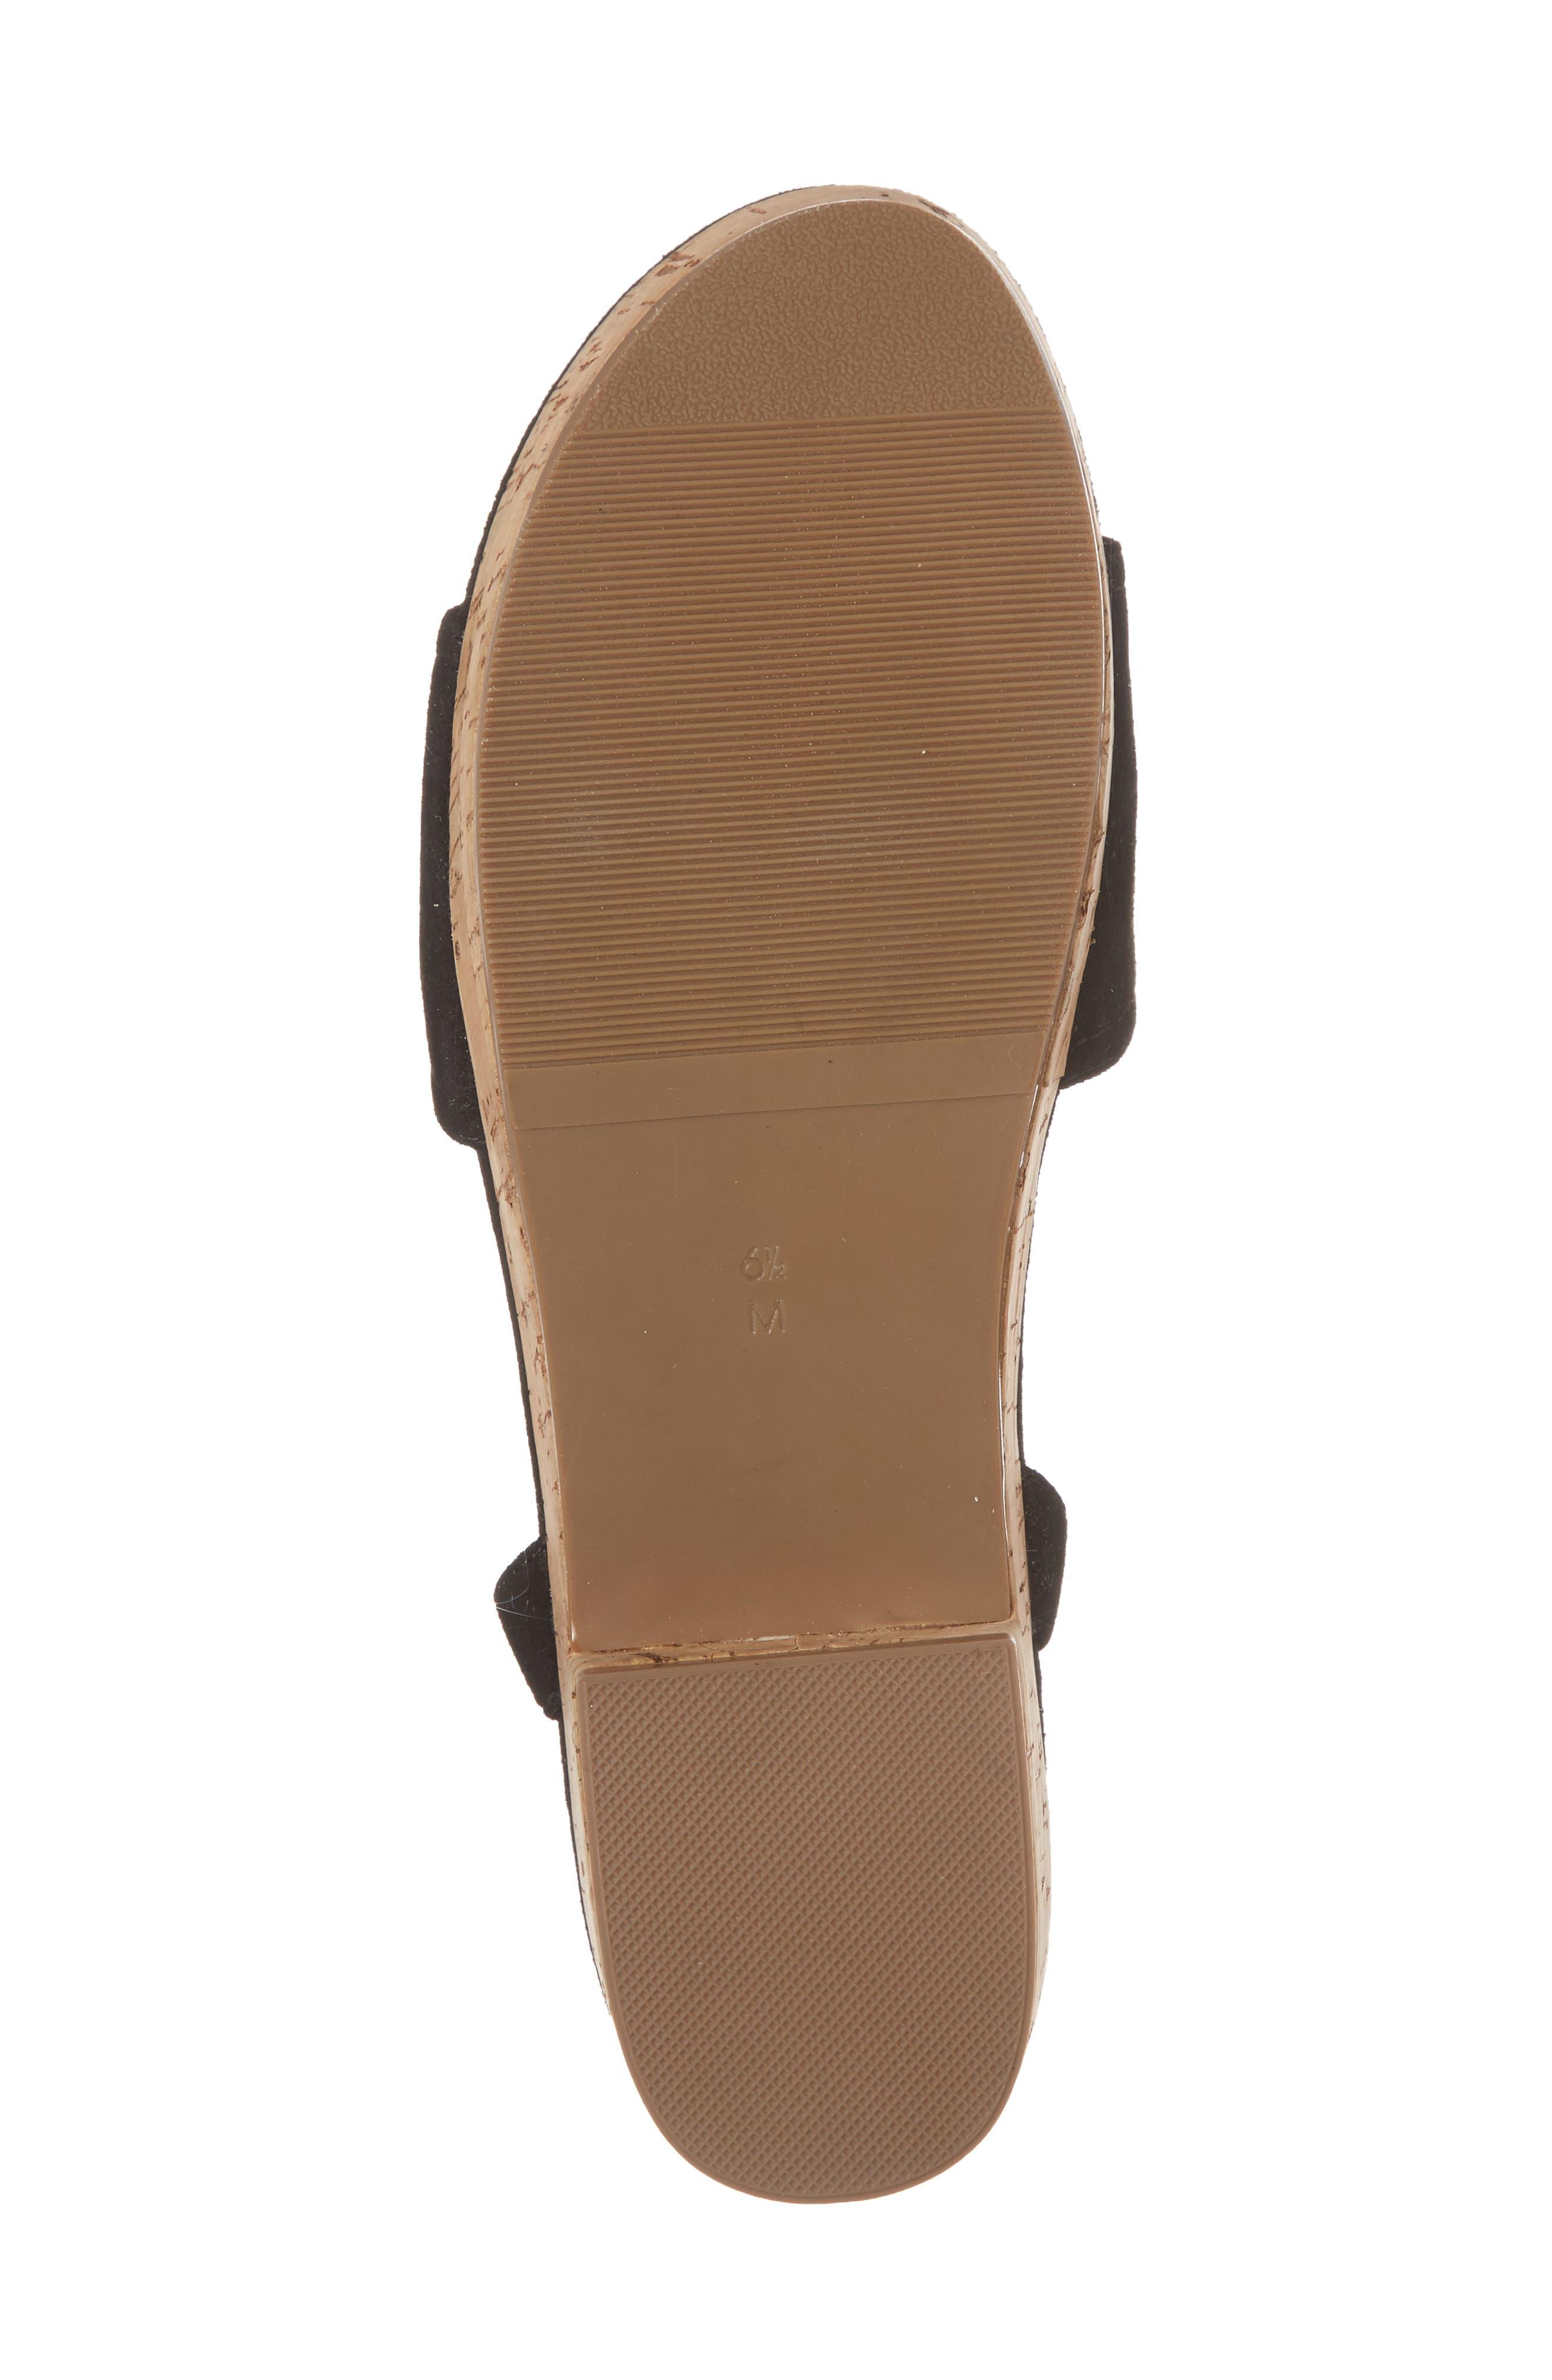 Saba Platform Sandal,                             Alternate thumbnail 6, color,                             Black Printed Suede